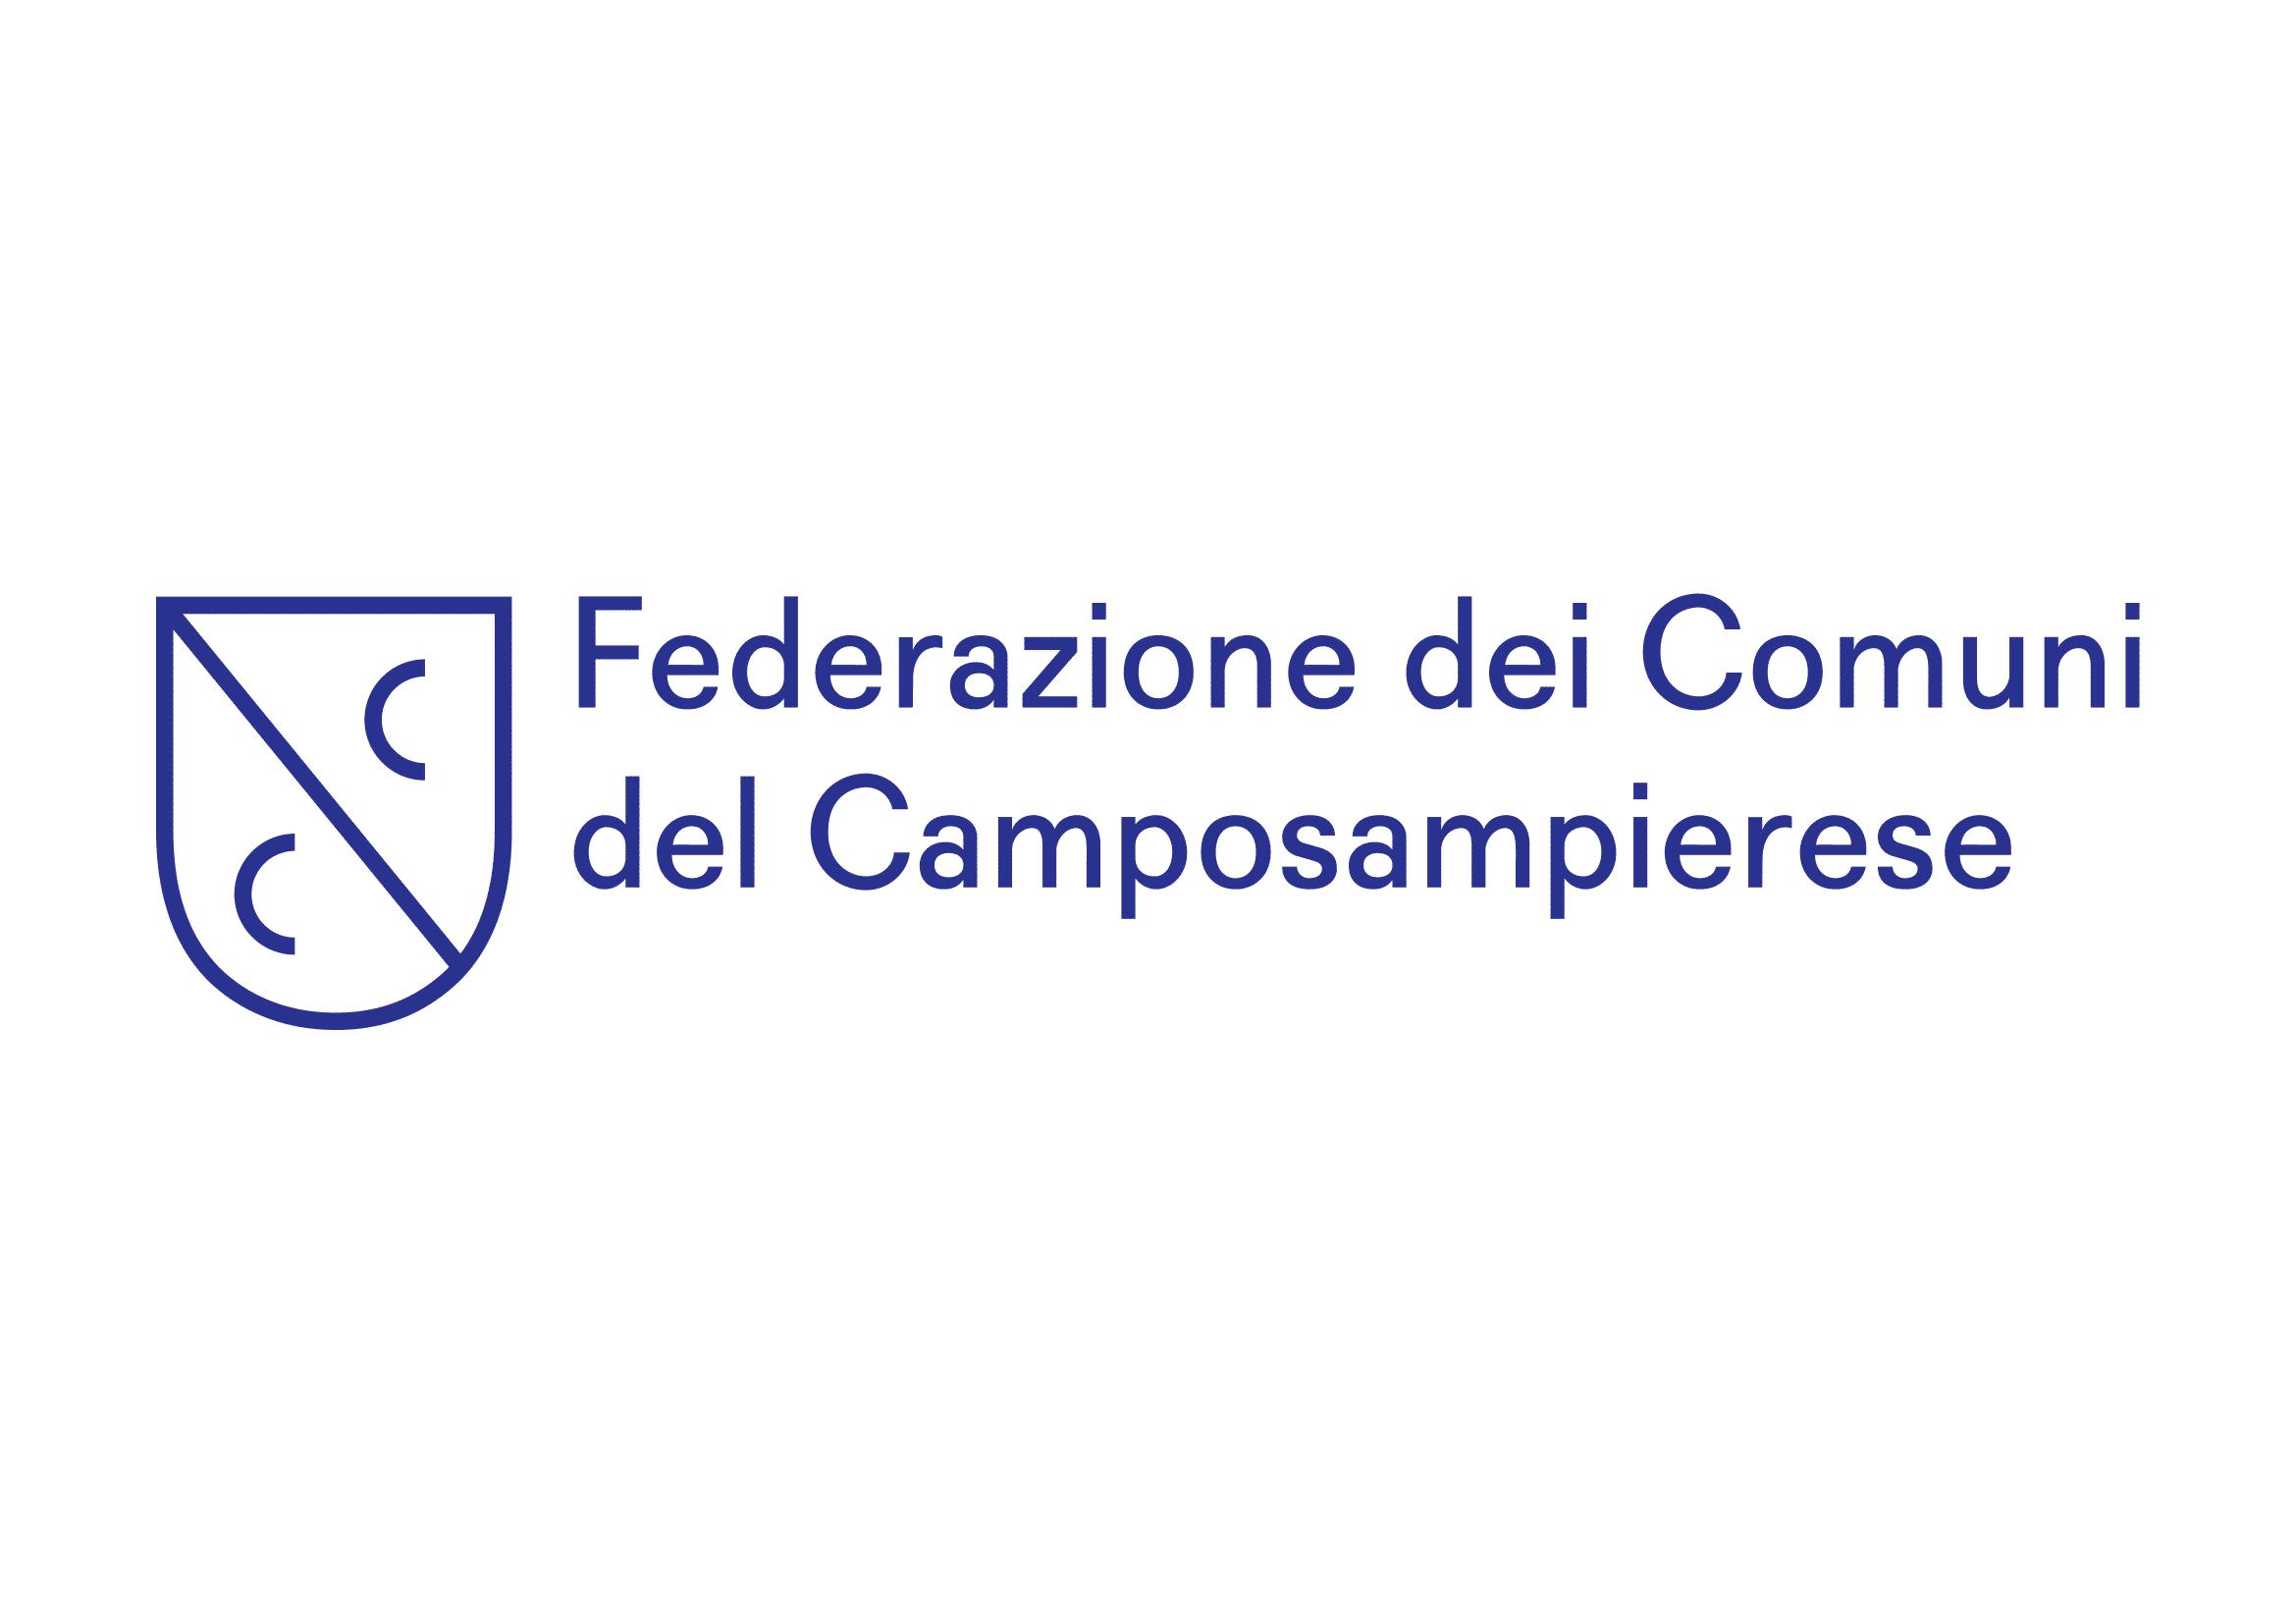 federazione dei comuni del camposampierese